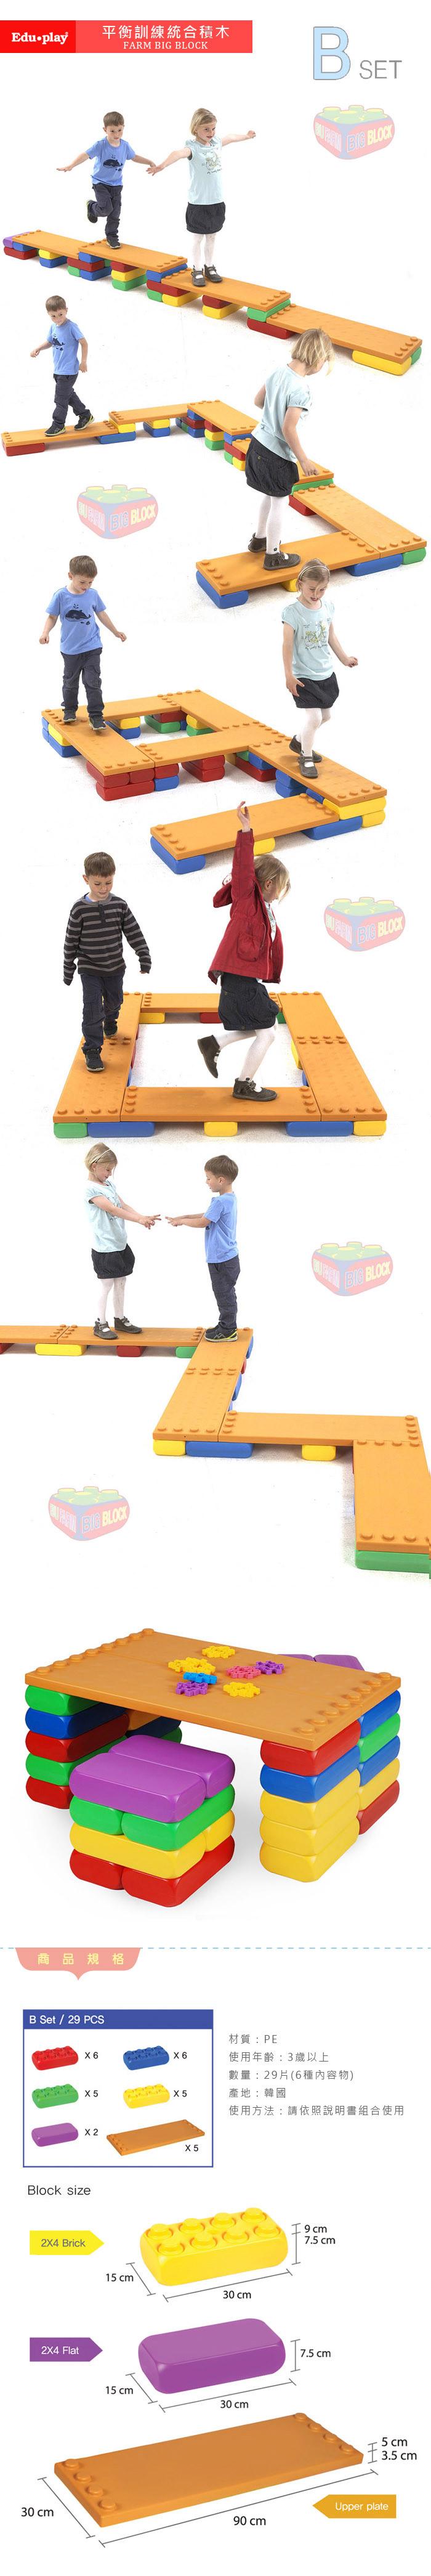 edu-play-farm-big-block-29-info1